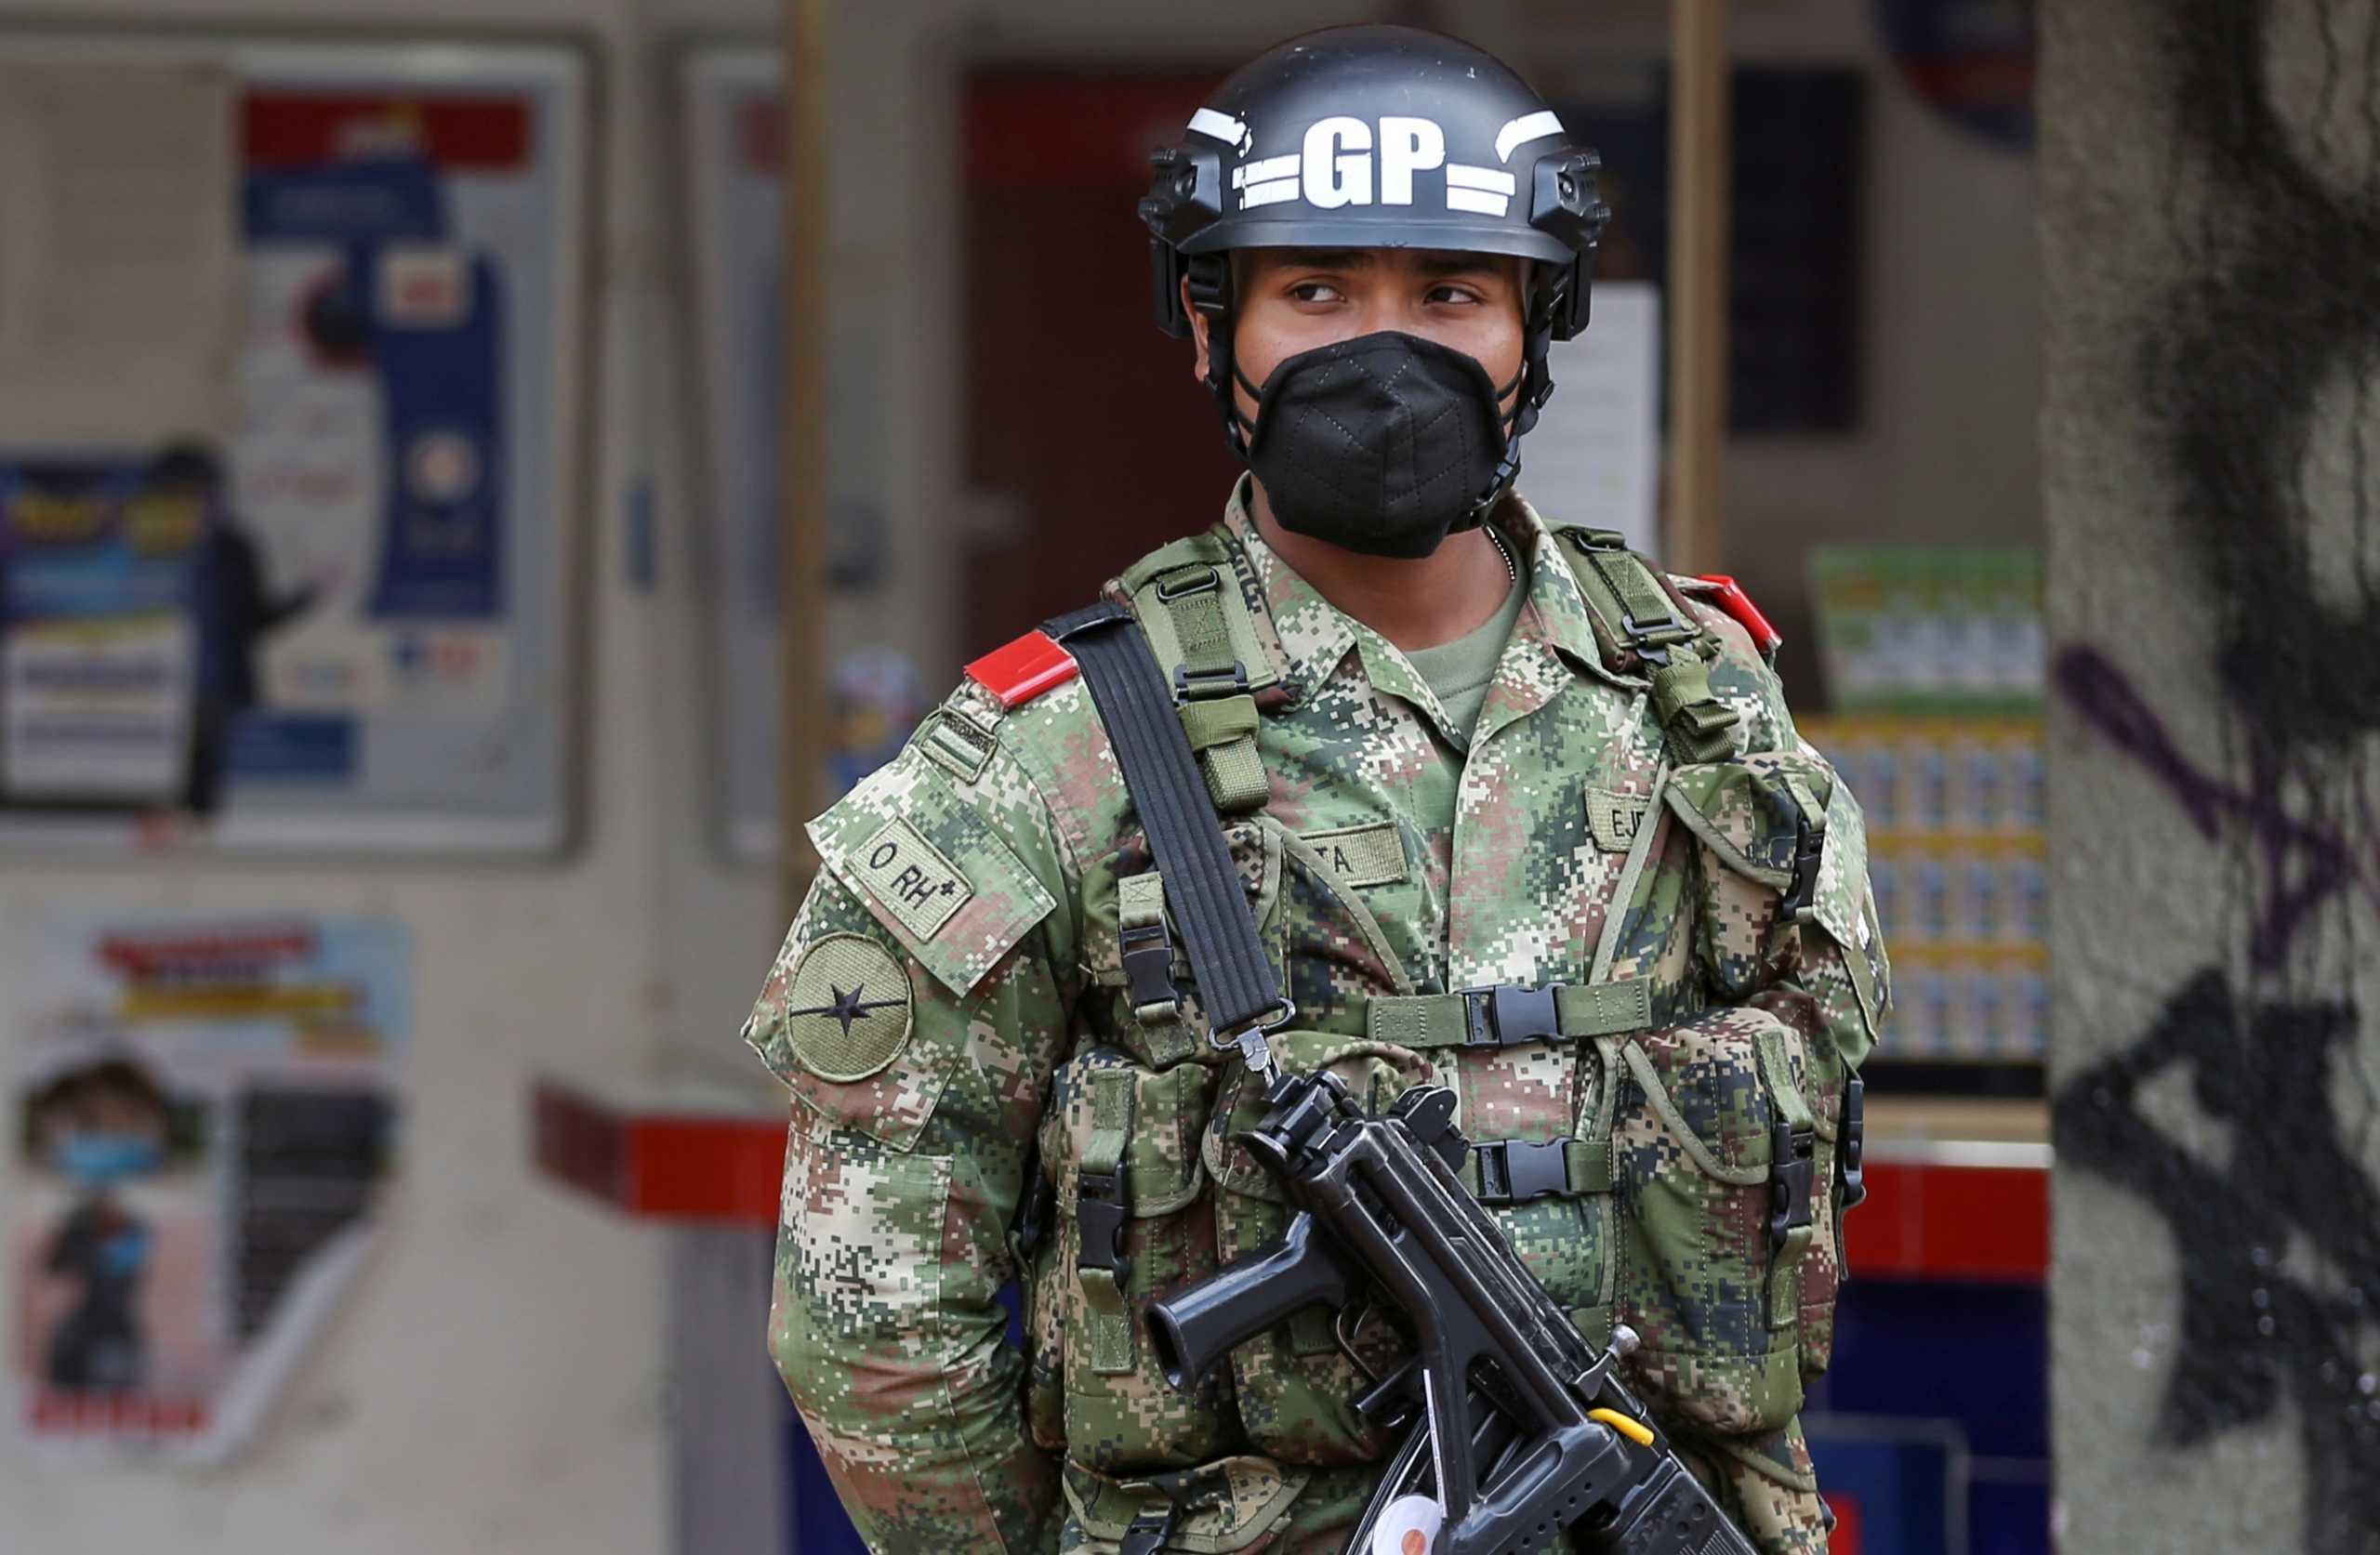 Σφαγή με πέντε νεκρούς στην Κολομβία – Ανάμεσά τους ένα κοριτσάκι 3 ετών